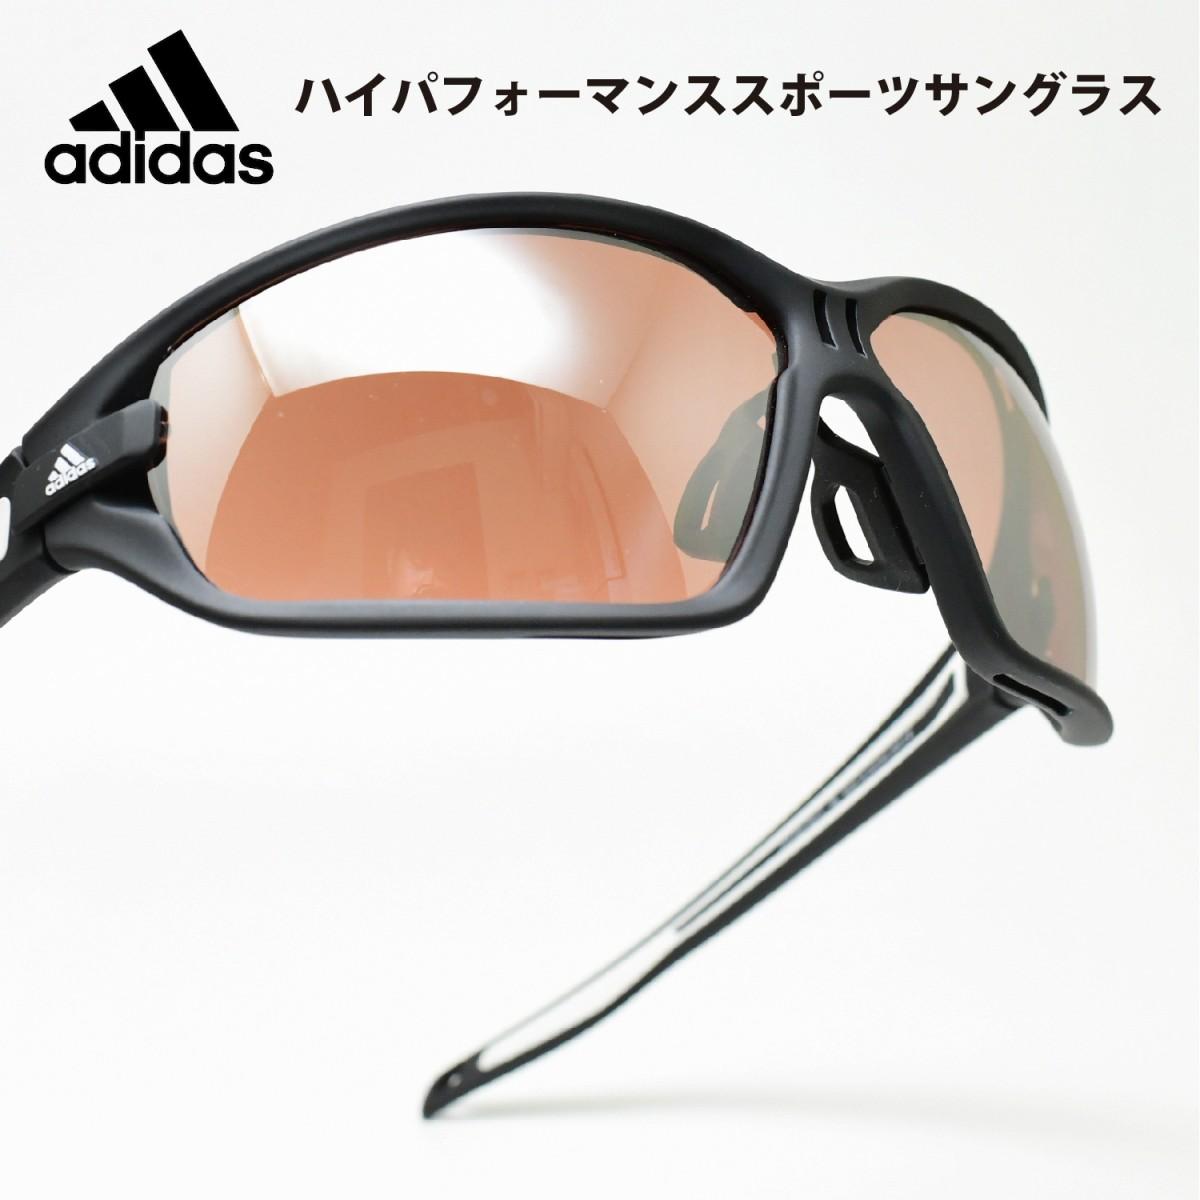 adidas アディダスevileye evo L イービルアイ エボ Lマットブラック/LSTアクティブSアウトレットSALE価格!!